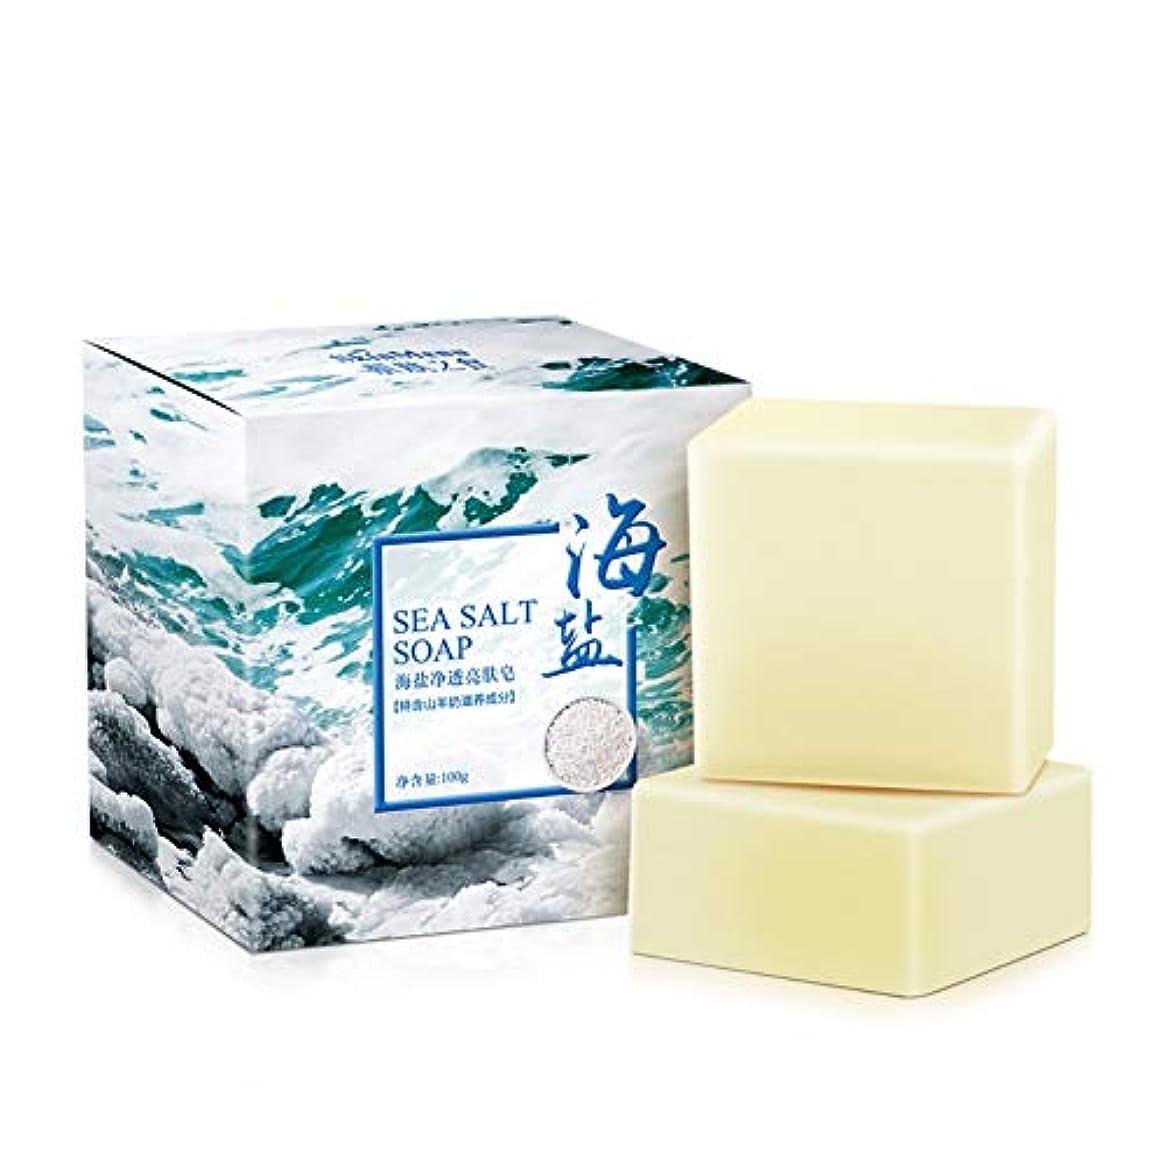 空いている減る弾薬Cutelove 石鹸 にきび用石鹸 海塩石鹸 海塩石鹸にきび パーソナルケア製品 補修石鹸 ボディークリーニング製品